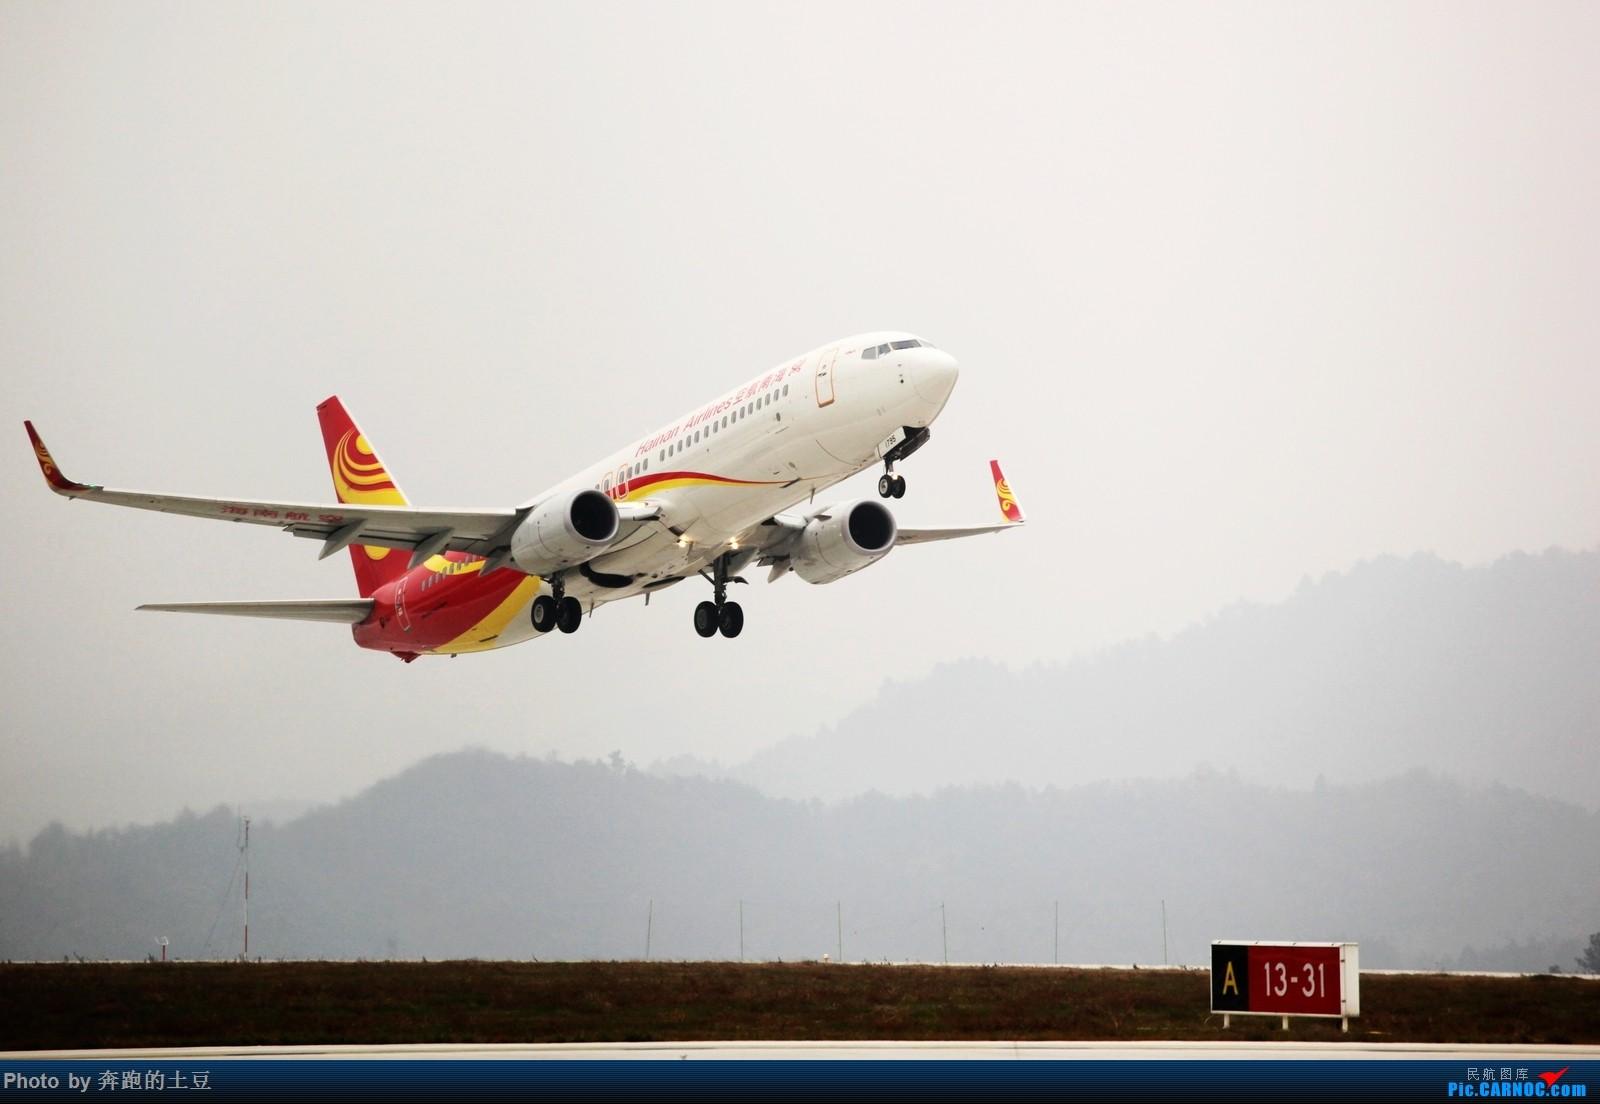 Re:[原创]十堰武当山机场小试牛刀 BOEING 737-800 B-1795 中国十堰武当山机场